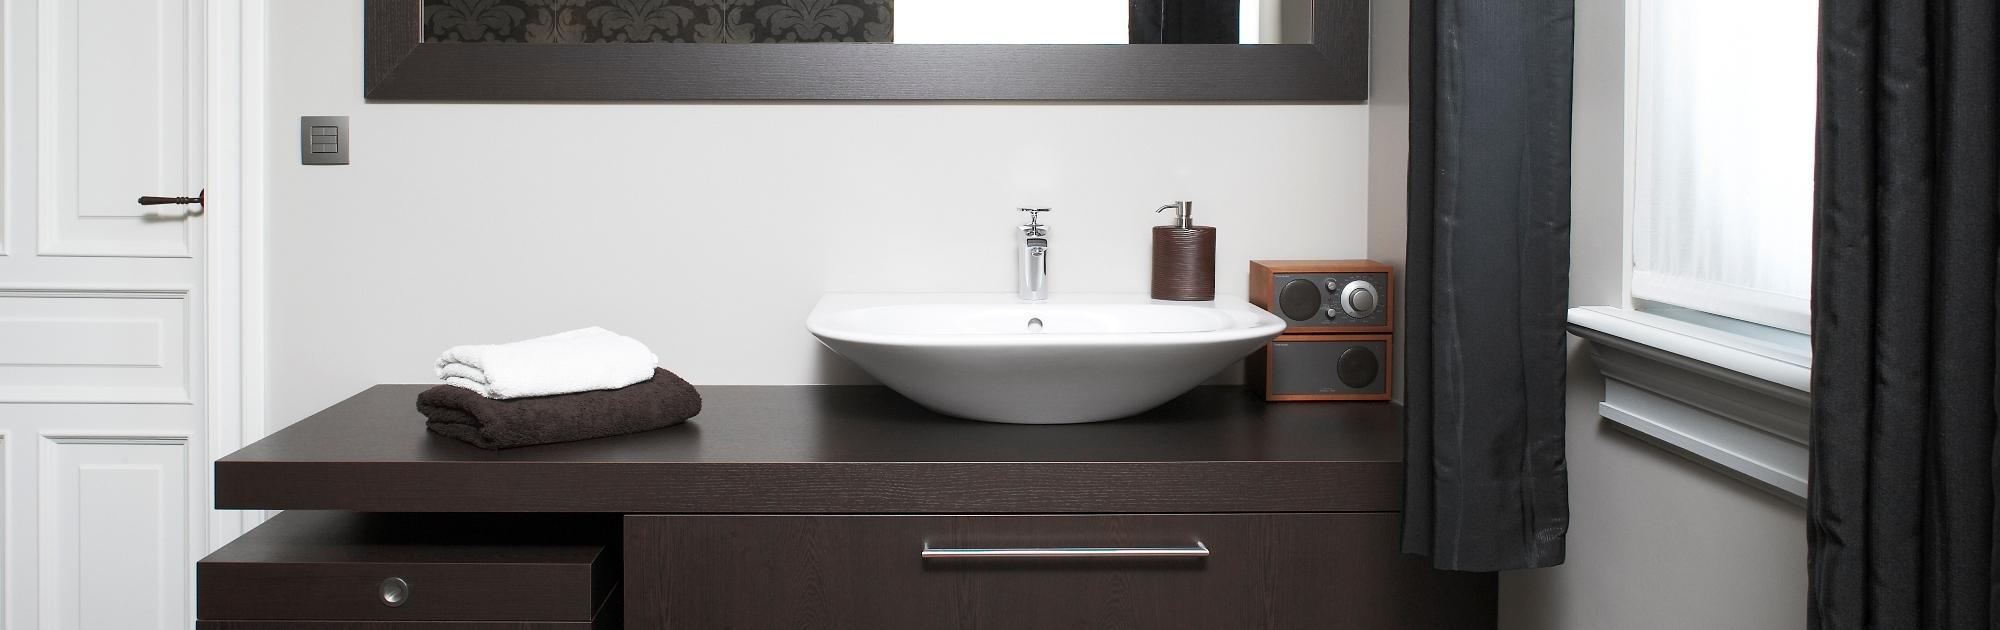 Badkamer op maat interieur geenen for Interieur badkamer